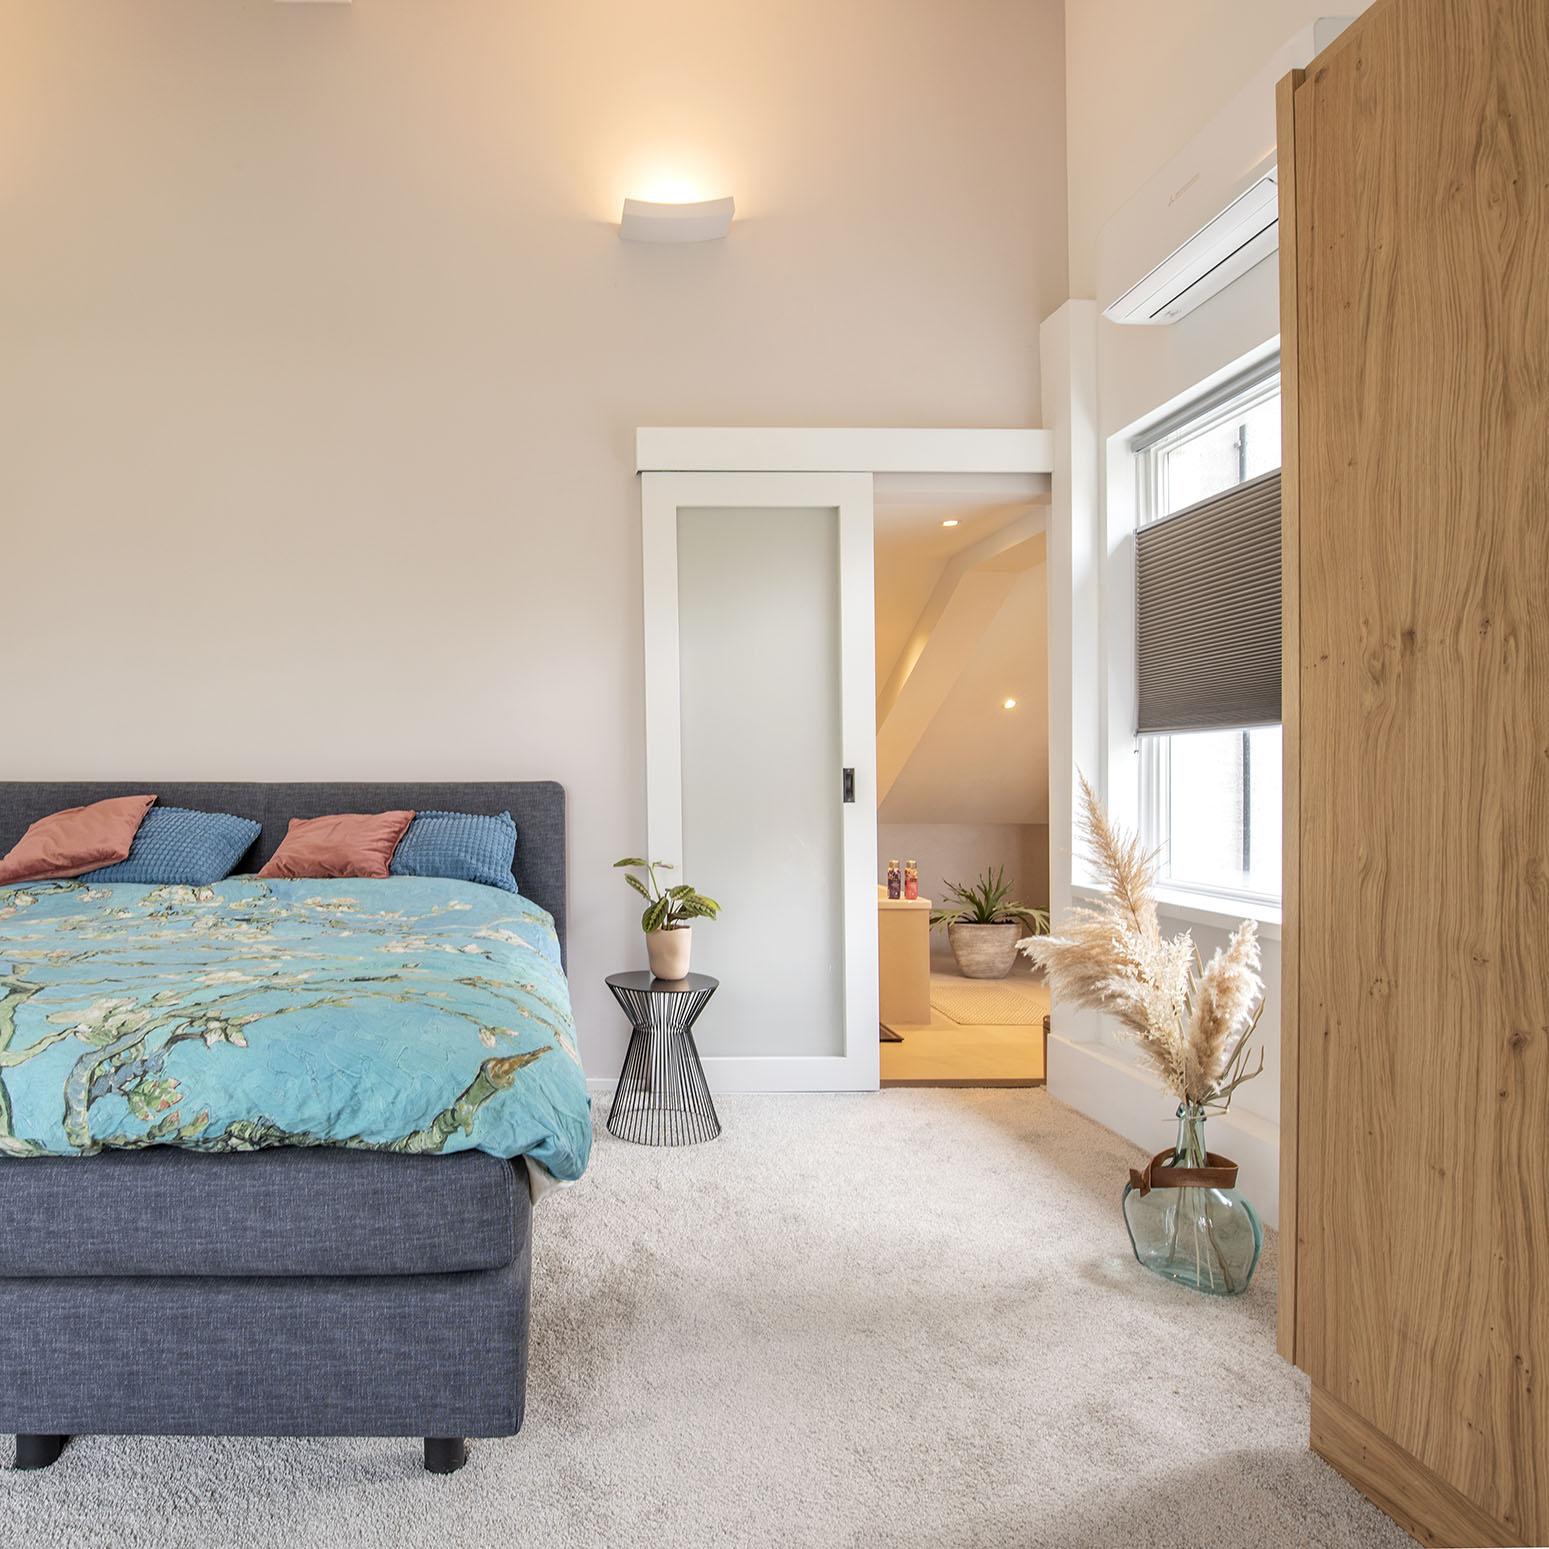 kleurinspiratie slaapkamer interieuradvies Den Bosch interieurontwerp styling